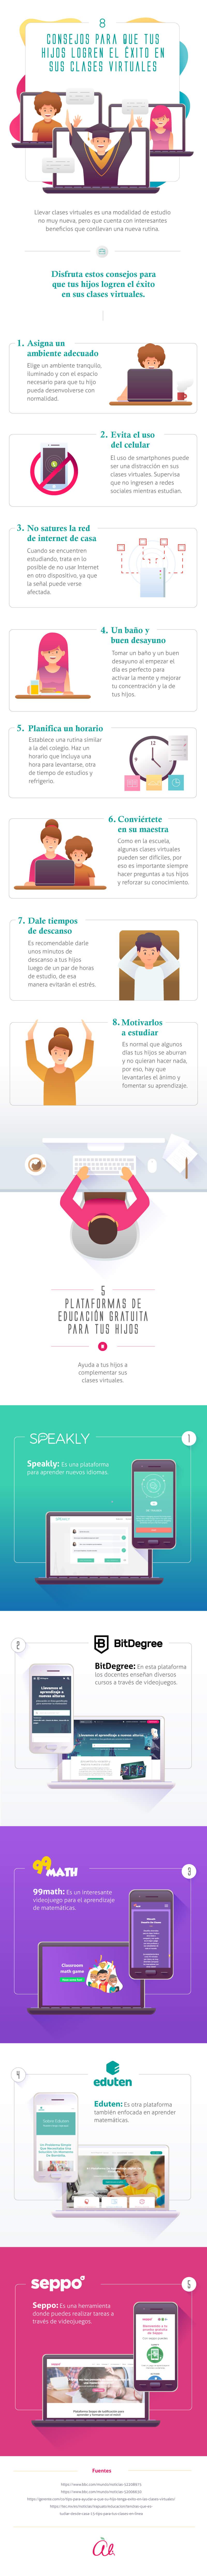 clases-virtuales-para-hijos